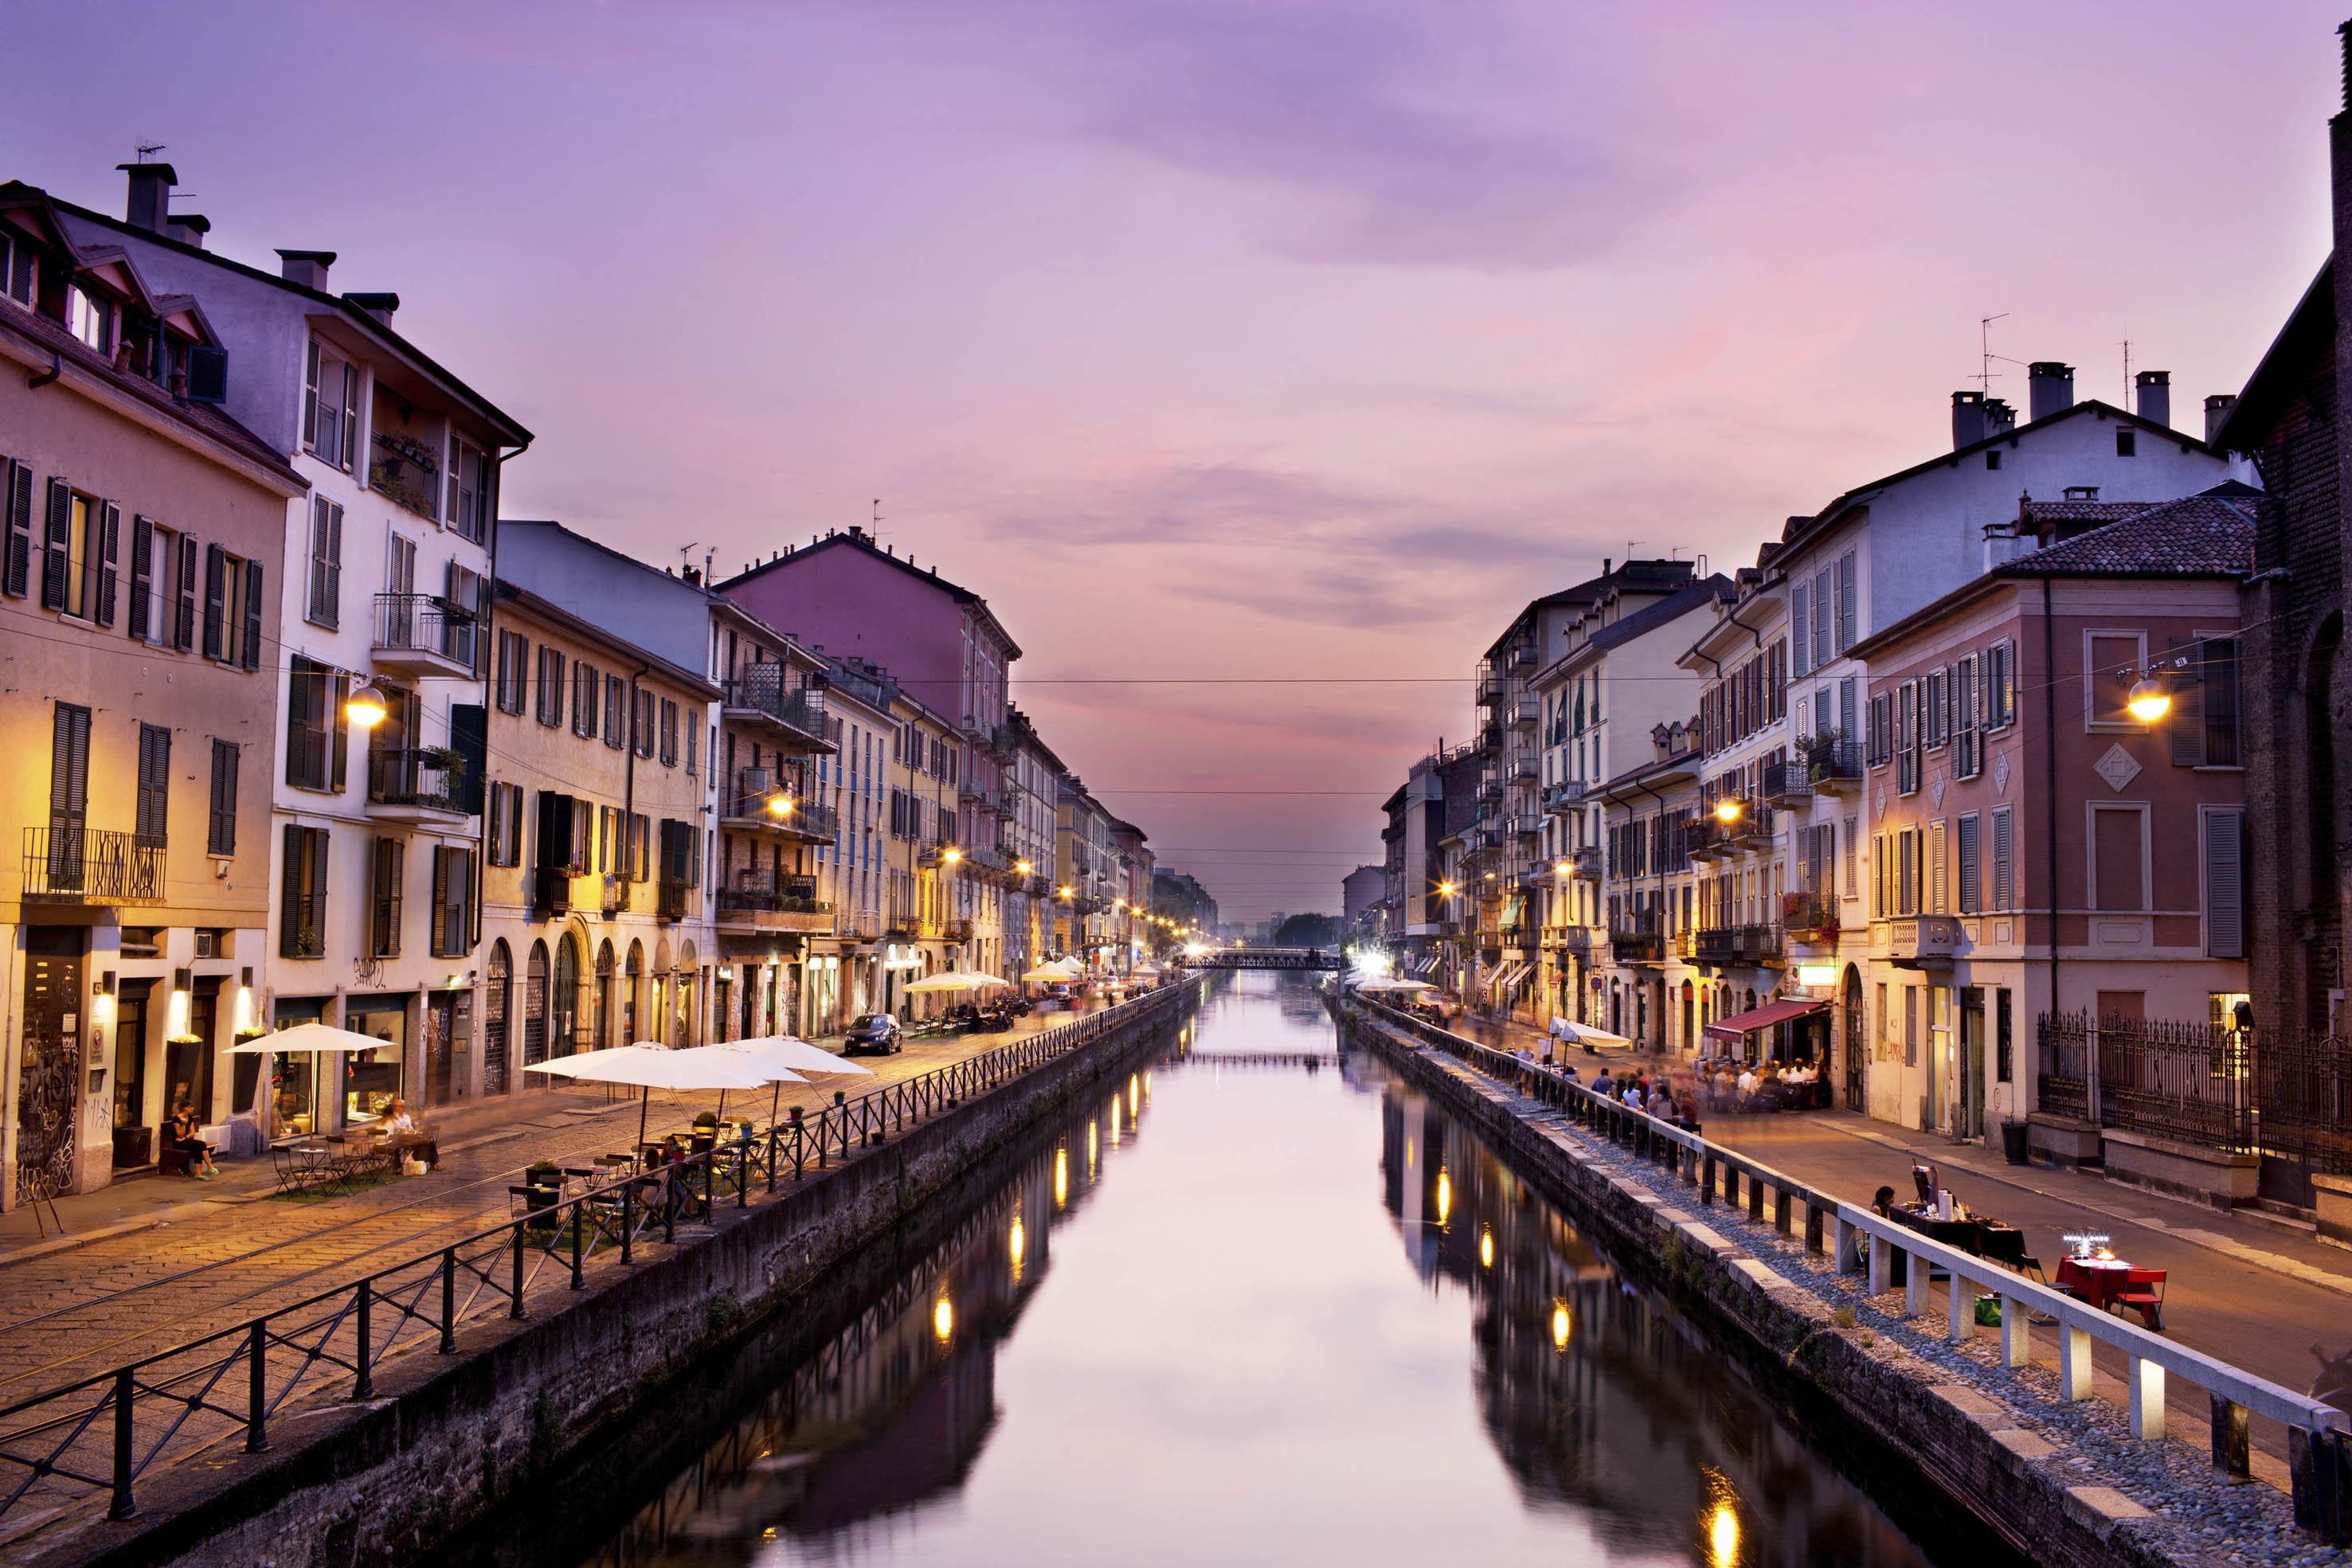 Migliori locali aperitivo zona Navigli Milano - Viaggiamo